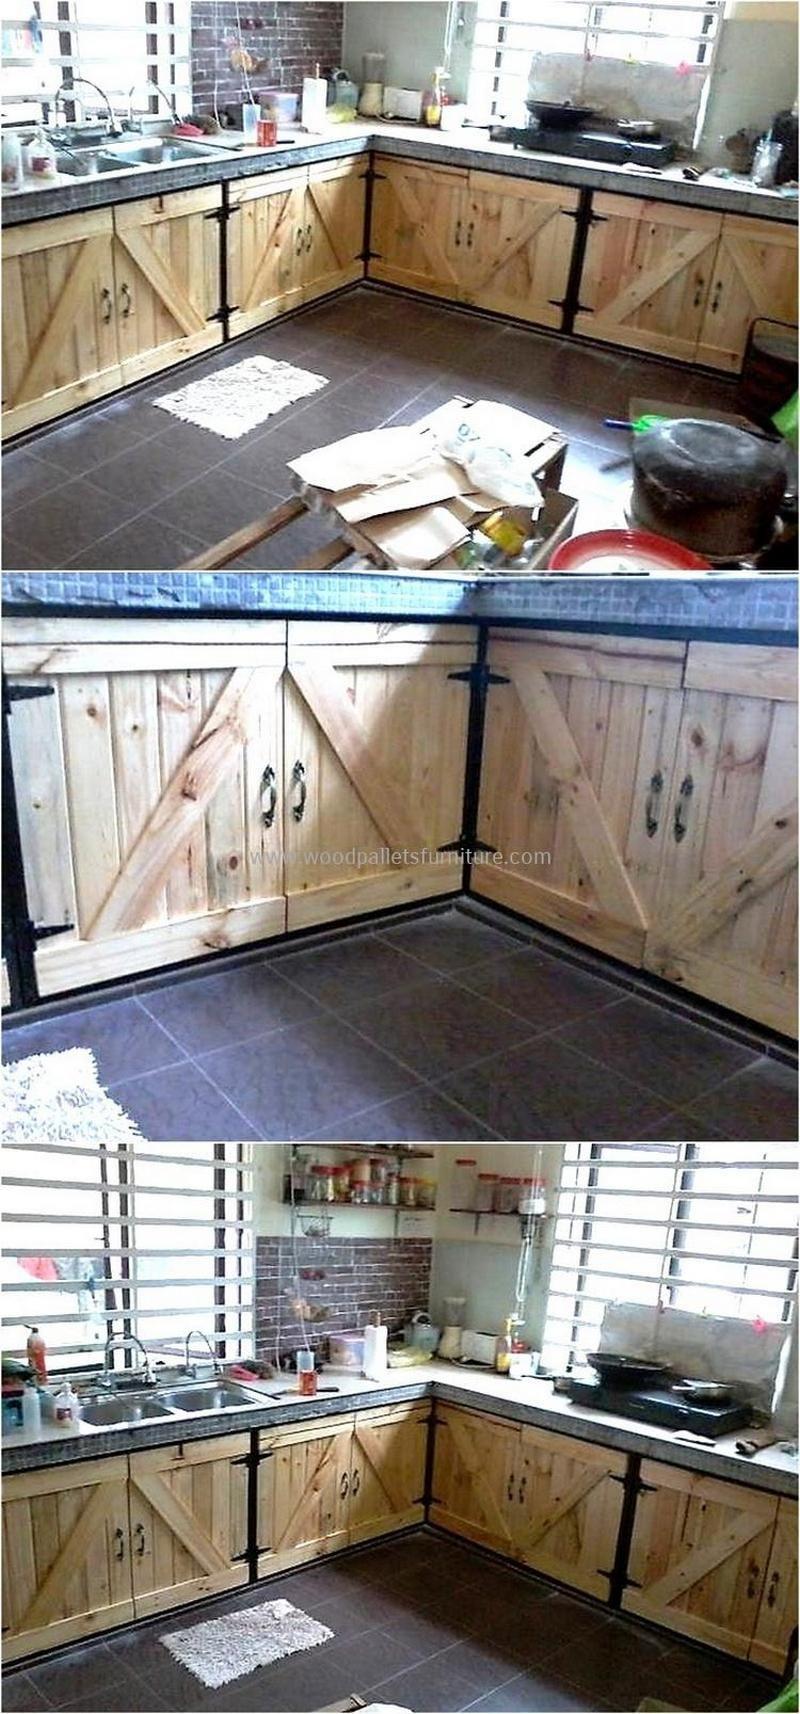 80 Ideas For Wood Pallet Made Kitchens Dengan Gambar Rumah Balok Kayu Perbaikan Rumah Dapur Rustic